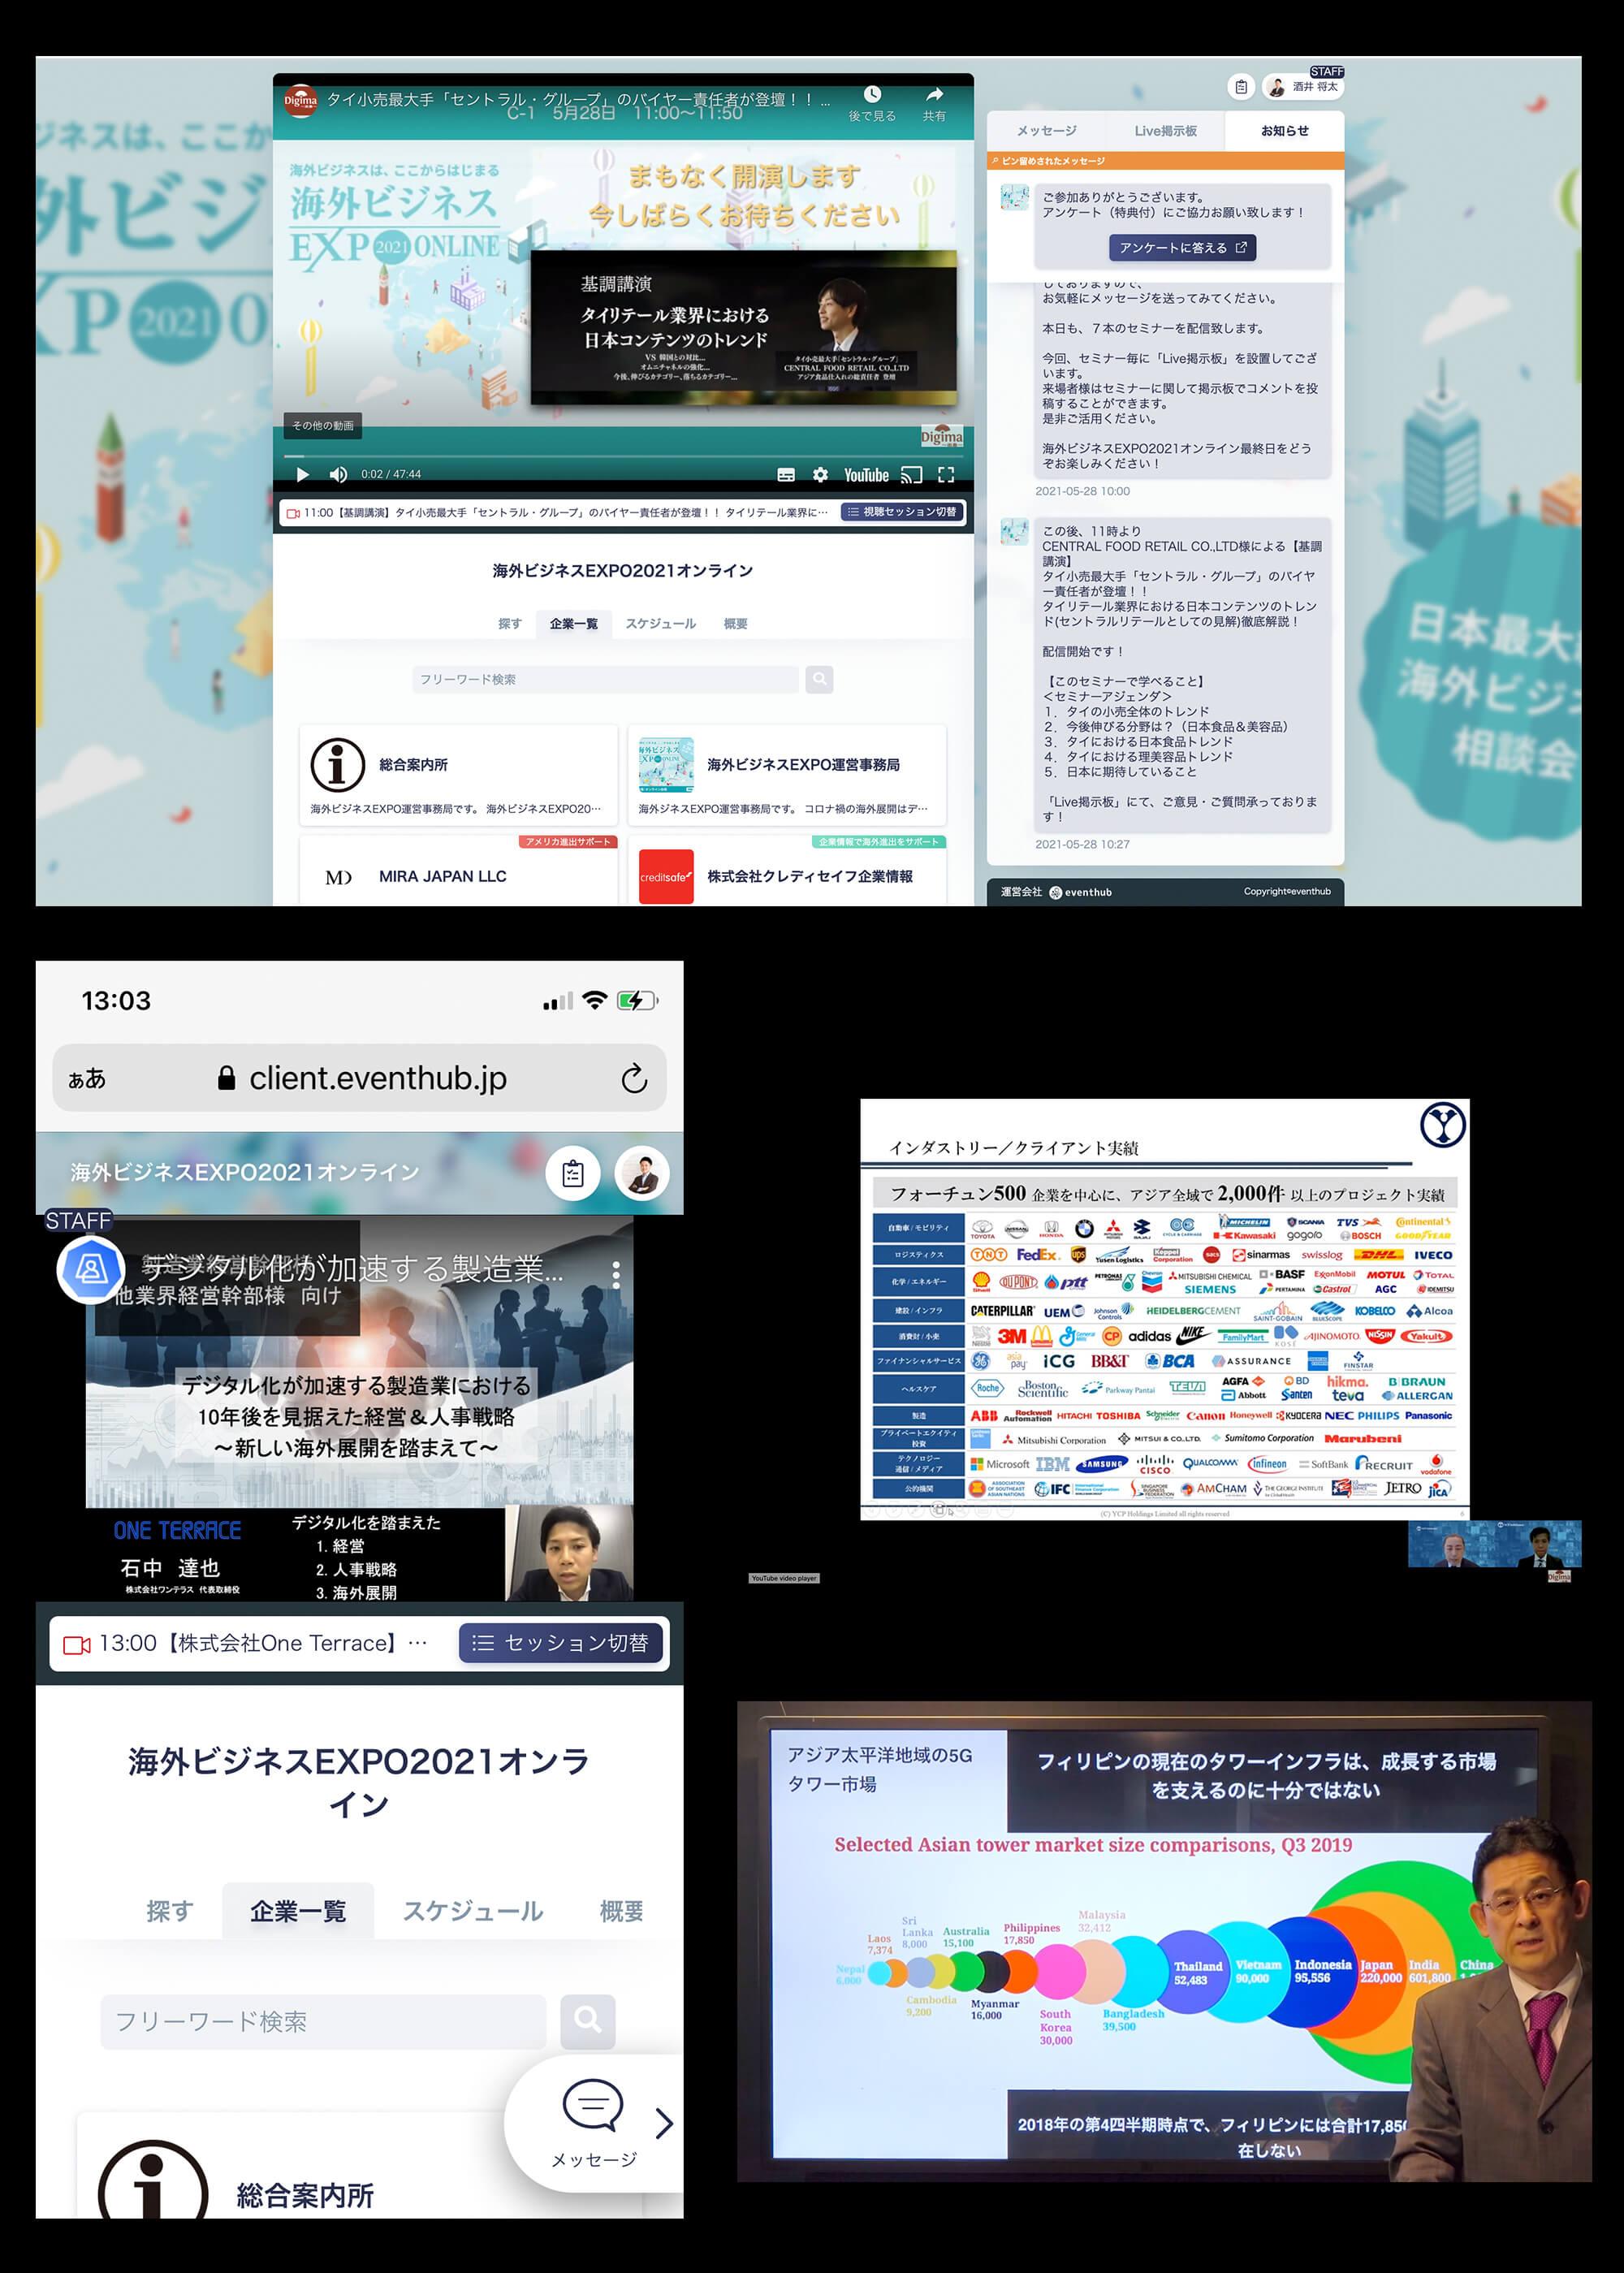 海外ビジネスEXPO2021オンライン